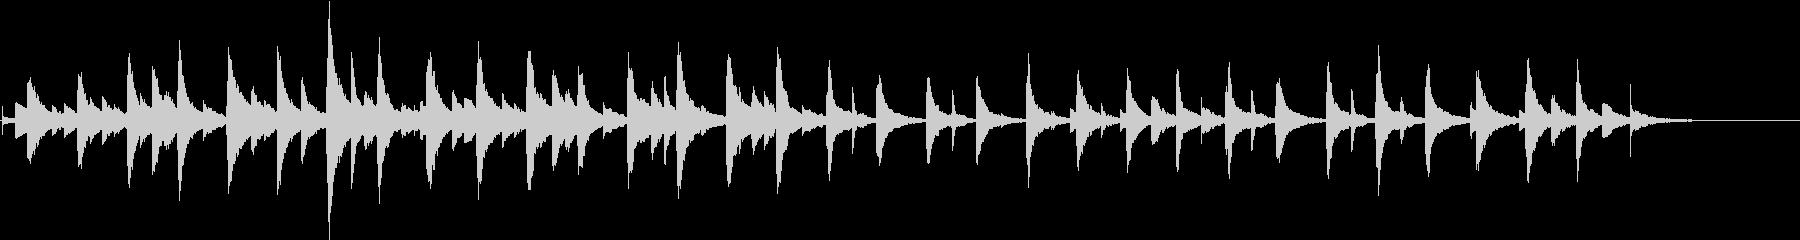 オルゴールの悲しいショートストーリの未再生の波形